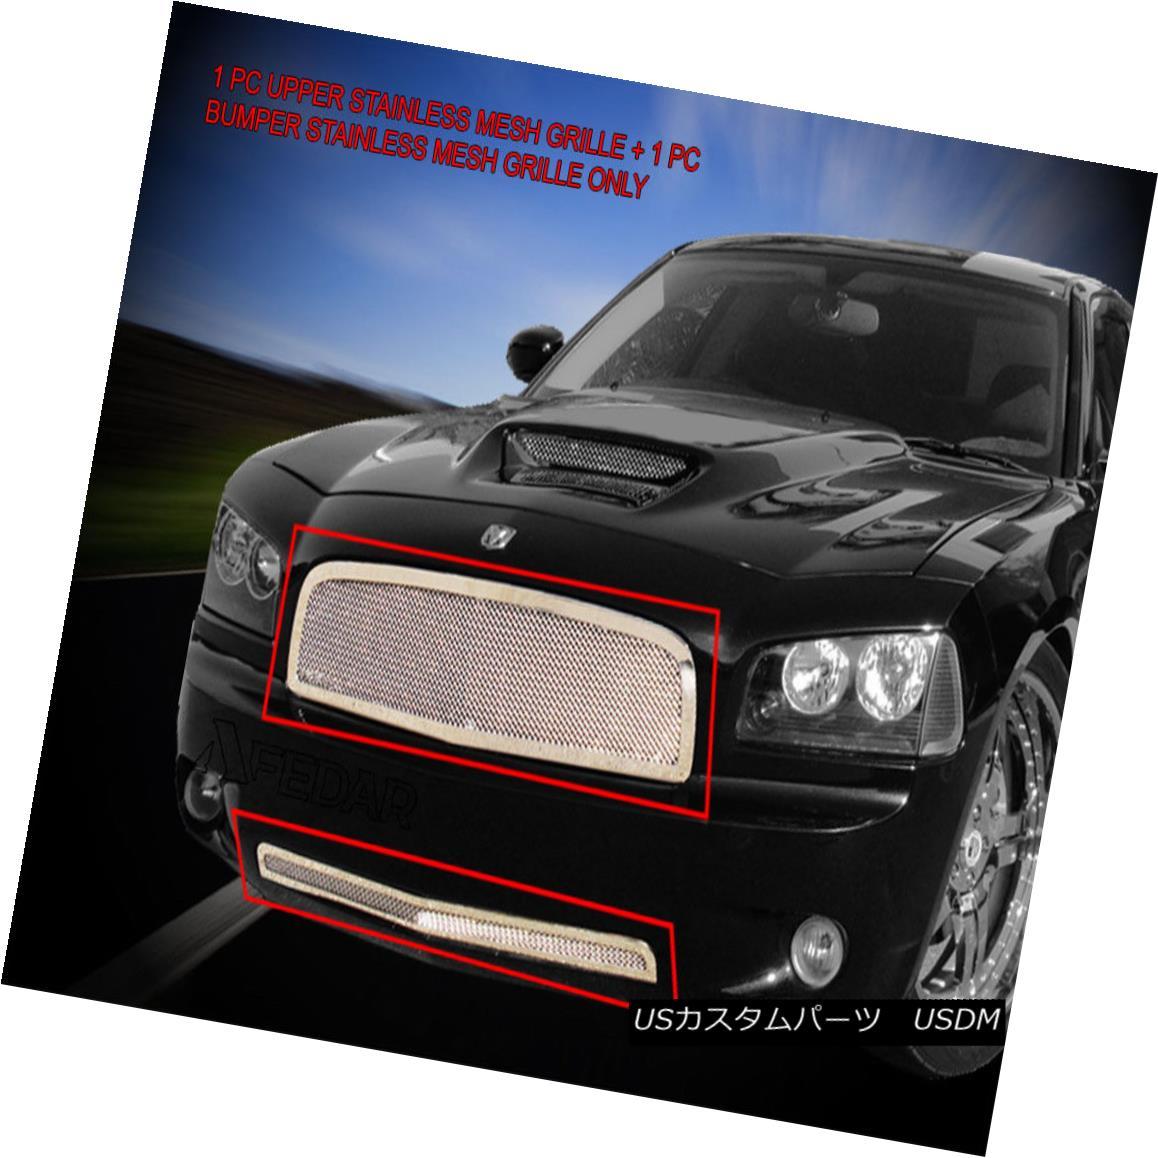 グリル 05-10 Dodge Charger Stainless Steel Mesh Grille Combo Grill Insert Fedar 05-10ダッジチャージャーステンレスメッシュグリルコンボグリルインサートフェルダー